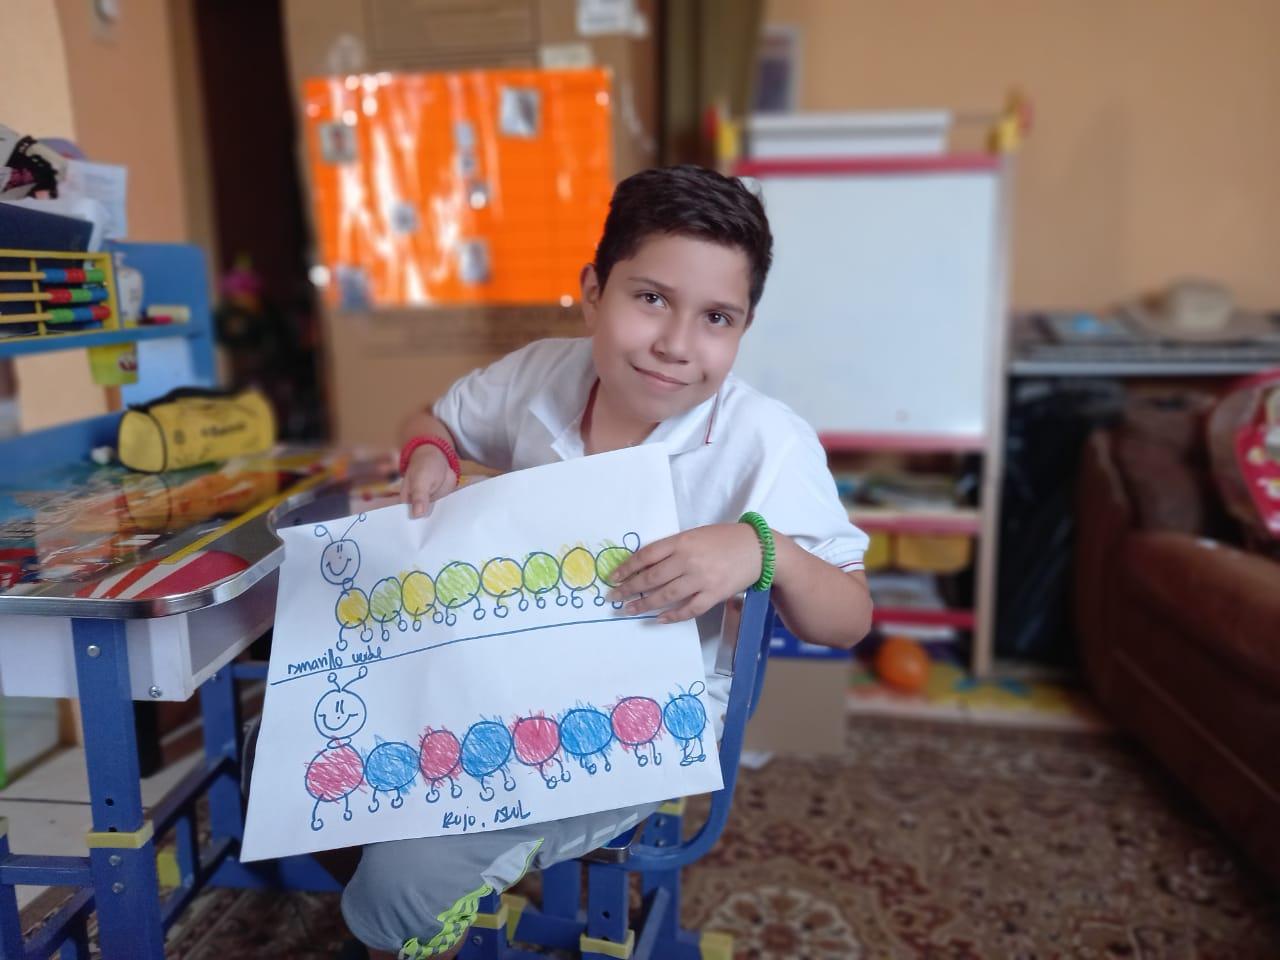 DíaDelAustismo: Joshua Cardona, un niño que regala alegría